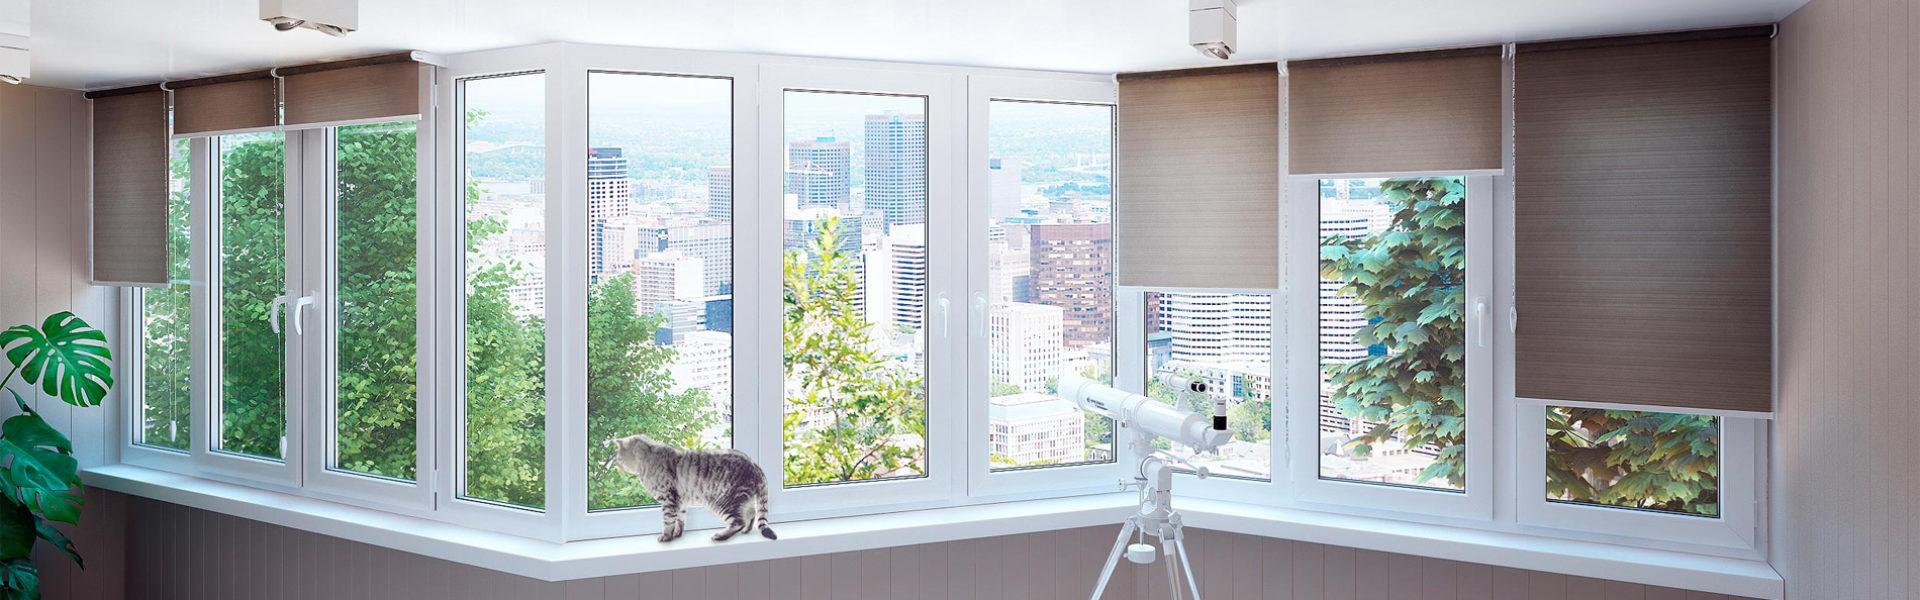 Хотите установить пластиковые окна?